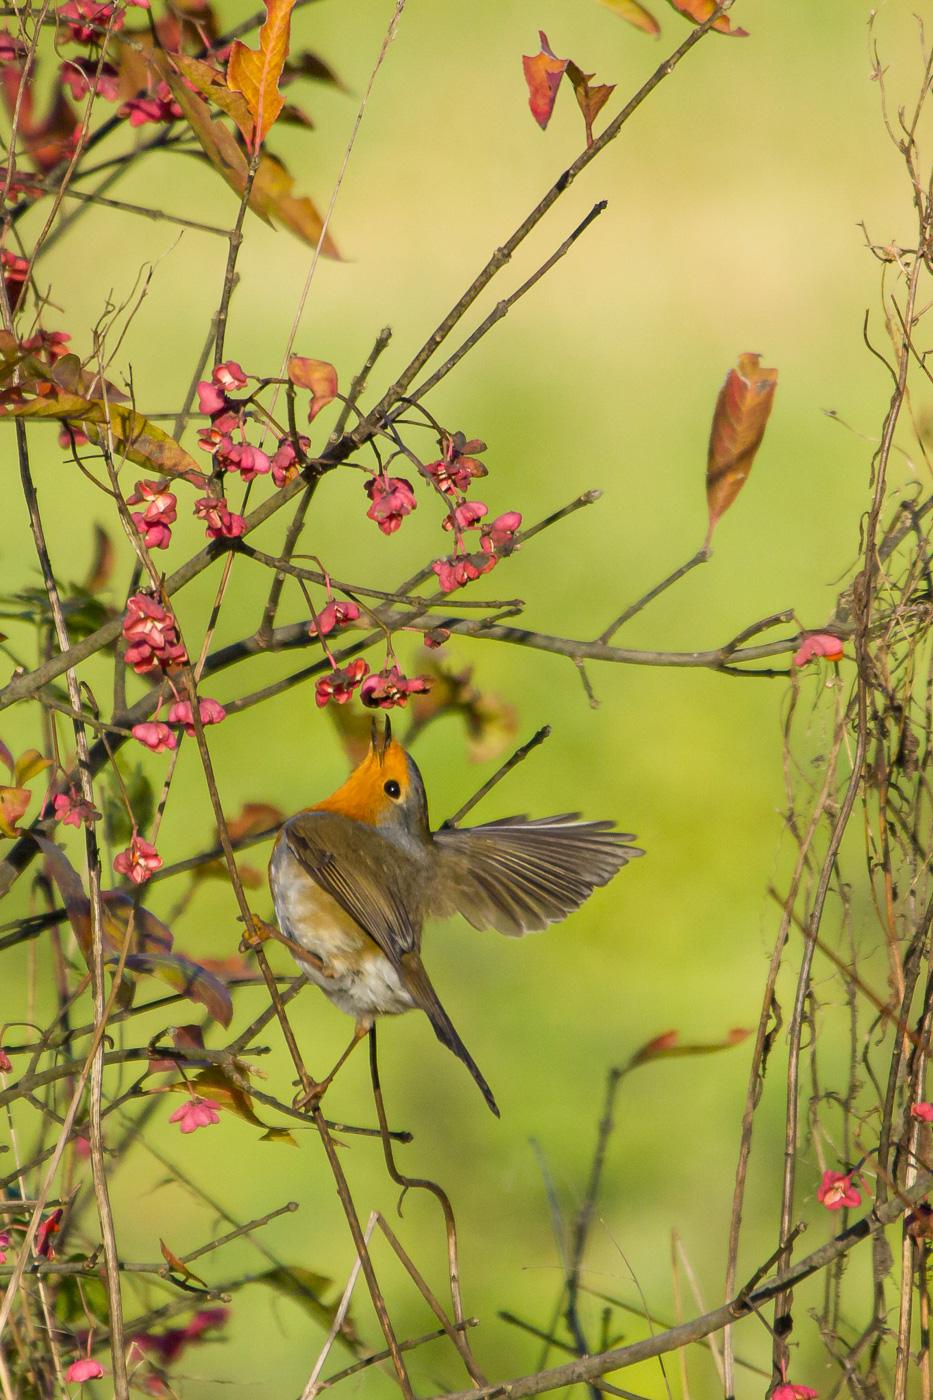 Pit-roig menjant evònim - Fauna salvatge - Raül Carmona - Fotografia, Fotografia d'estudi, esdeveniments i Natura